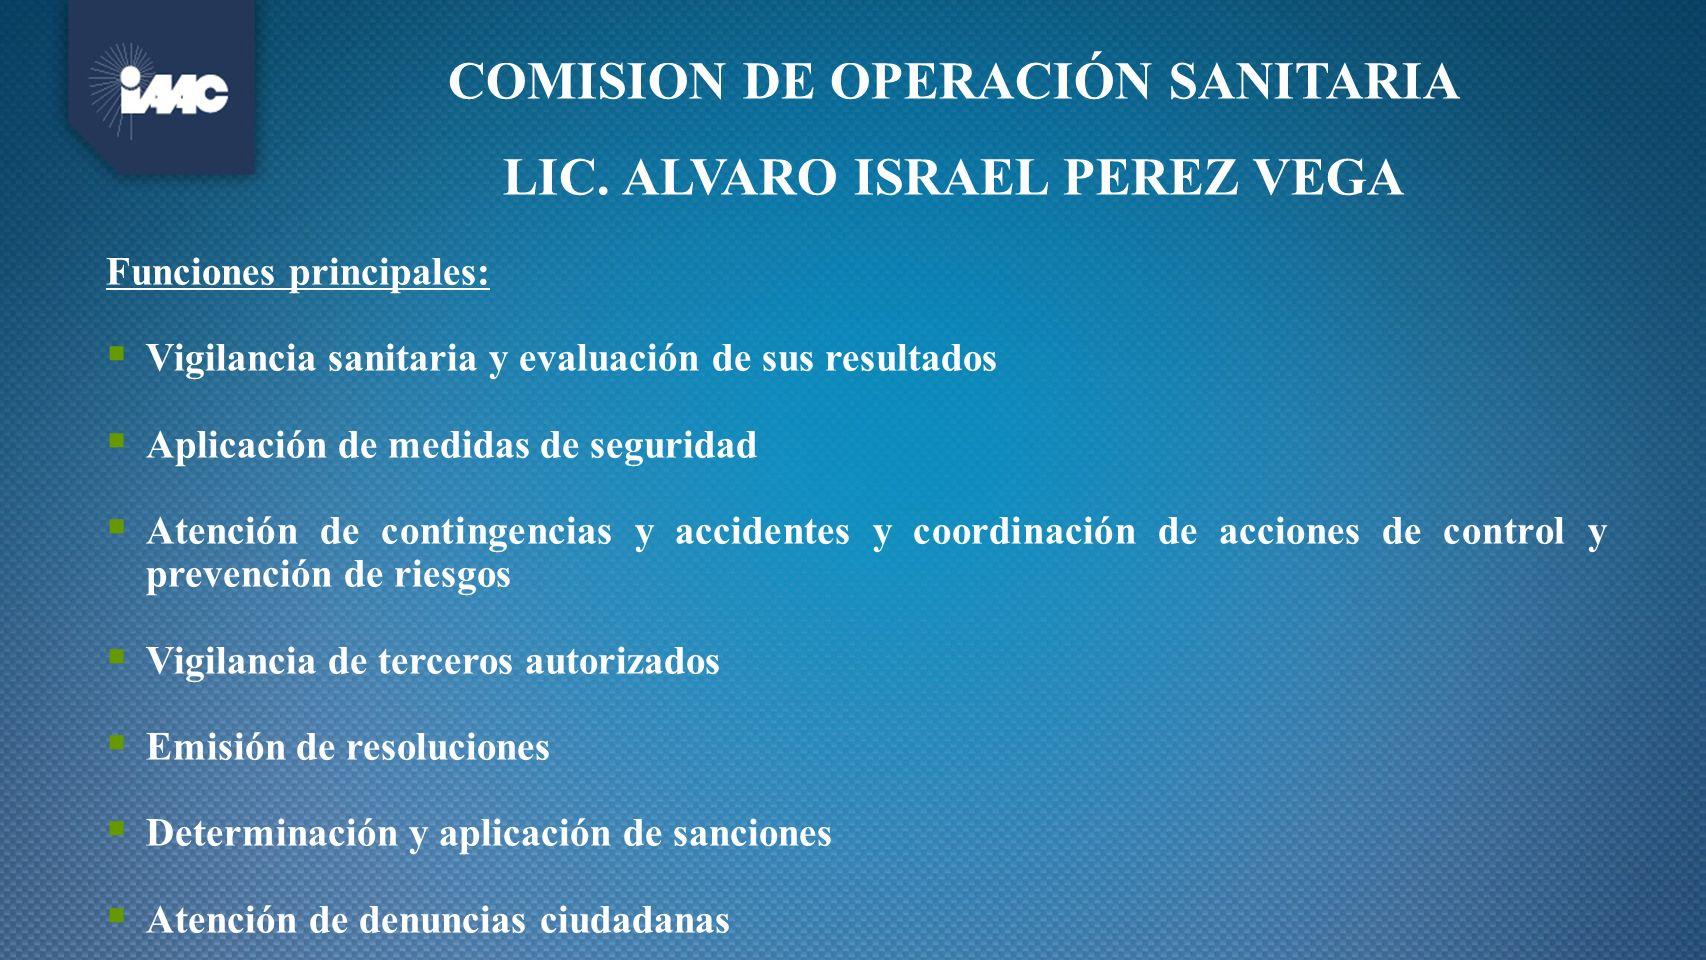 COMISION DE OPERACIÓN SANITARIA LIC. ALVARO ISRAEL PEREZ VEGA